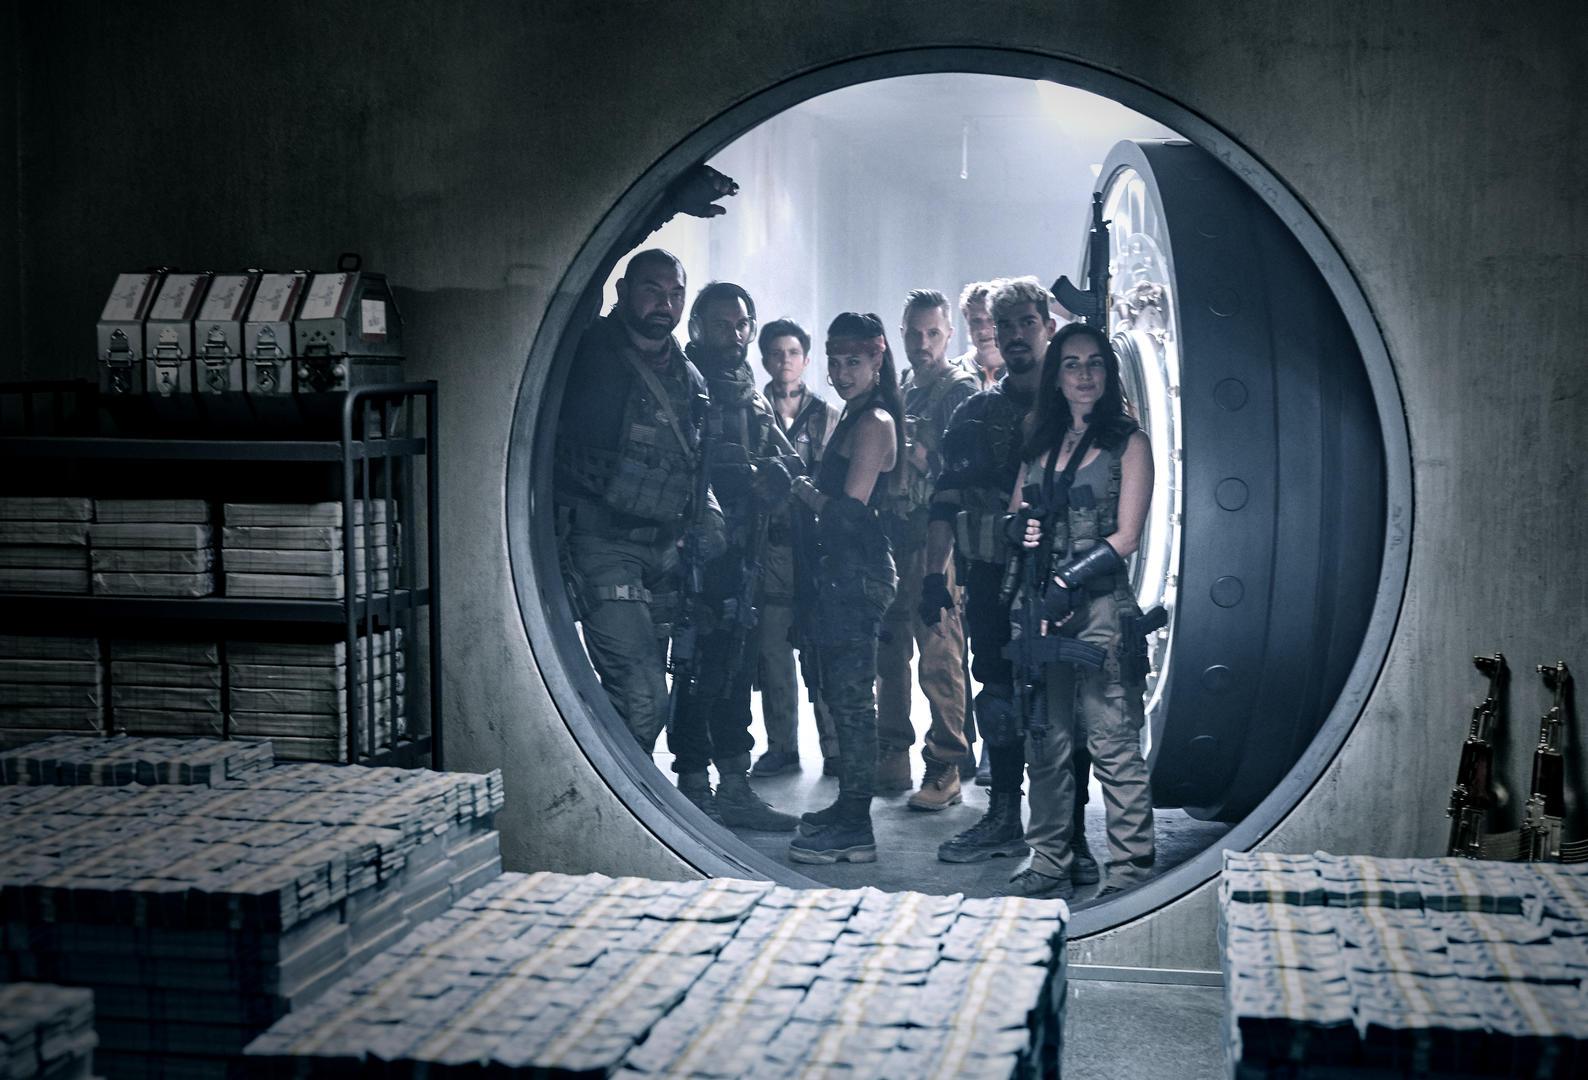 Новый облик «Армии мертвых»: эпическая серия «Вспышка зомби» Зака Снайдера попала в Netflix 21 мая